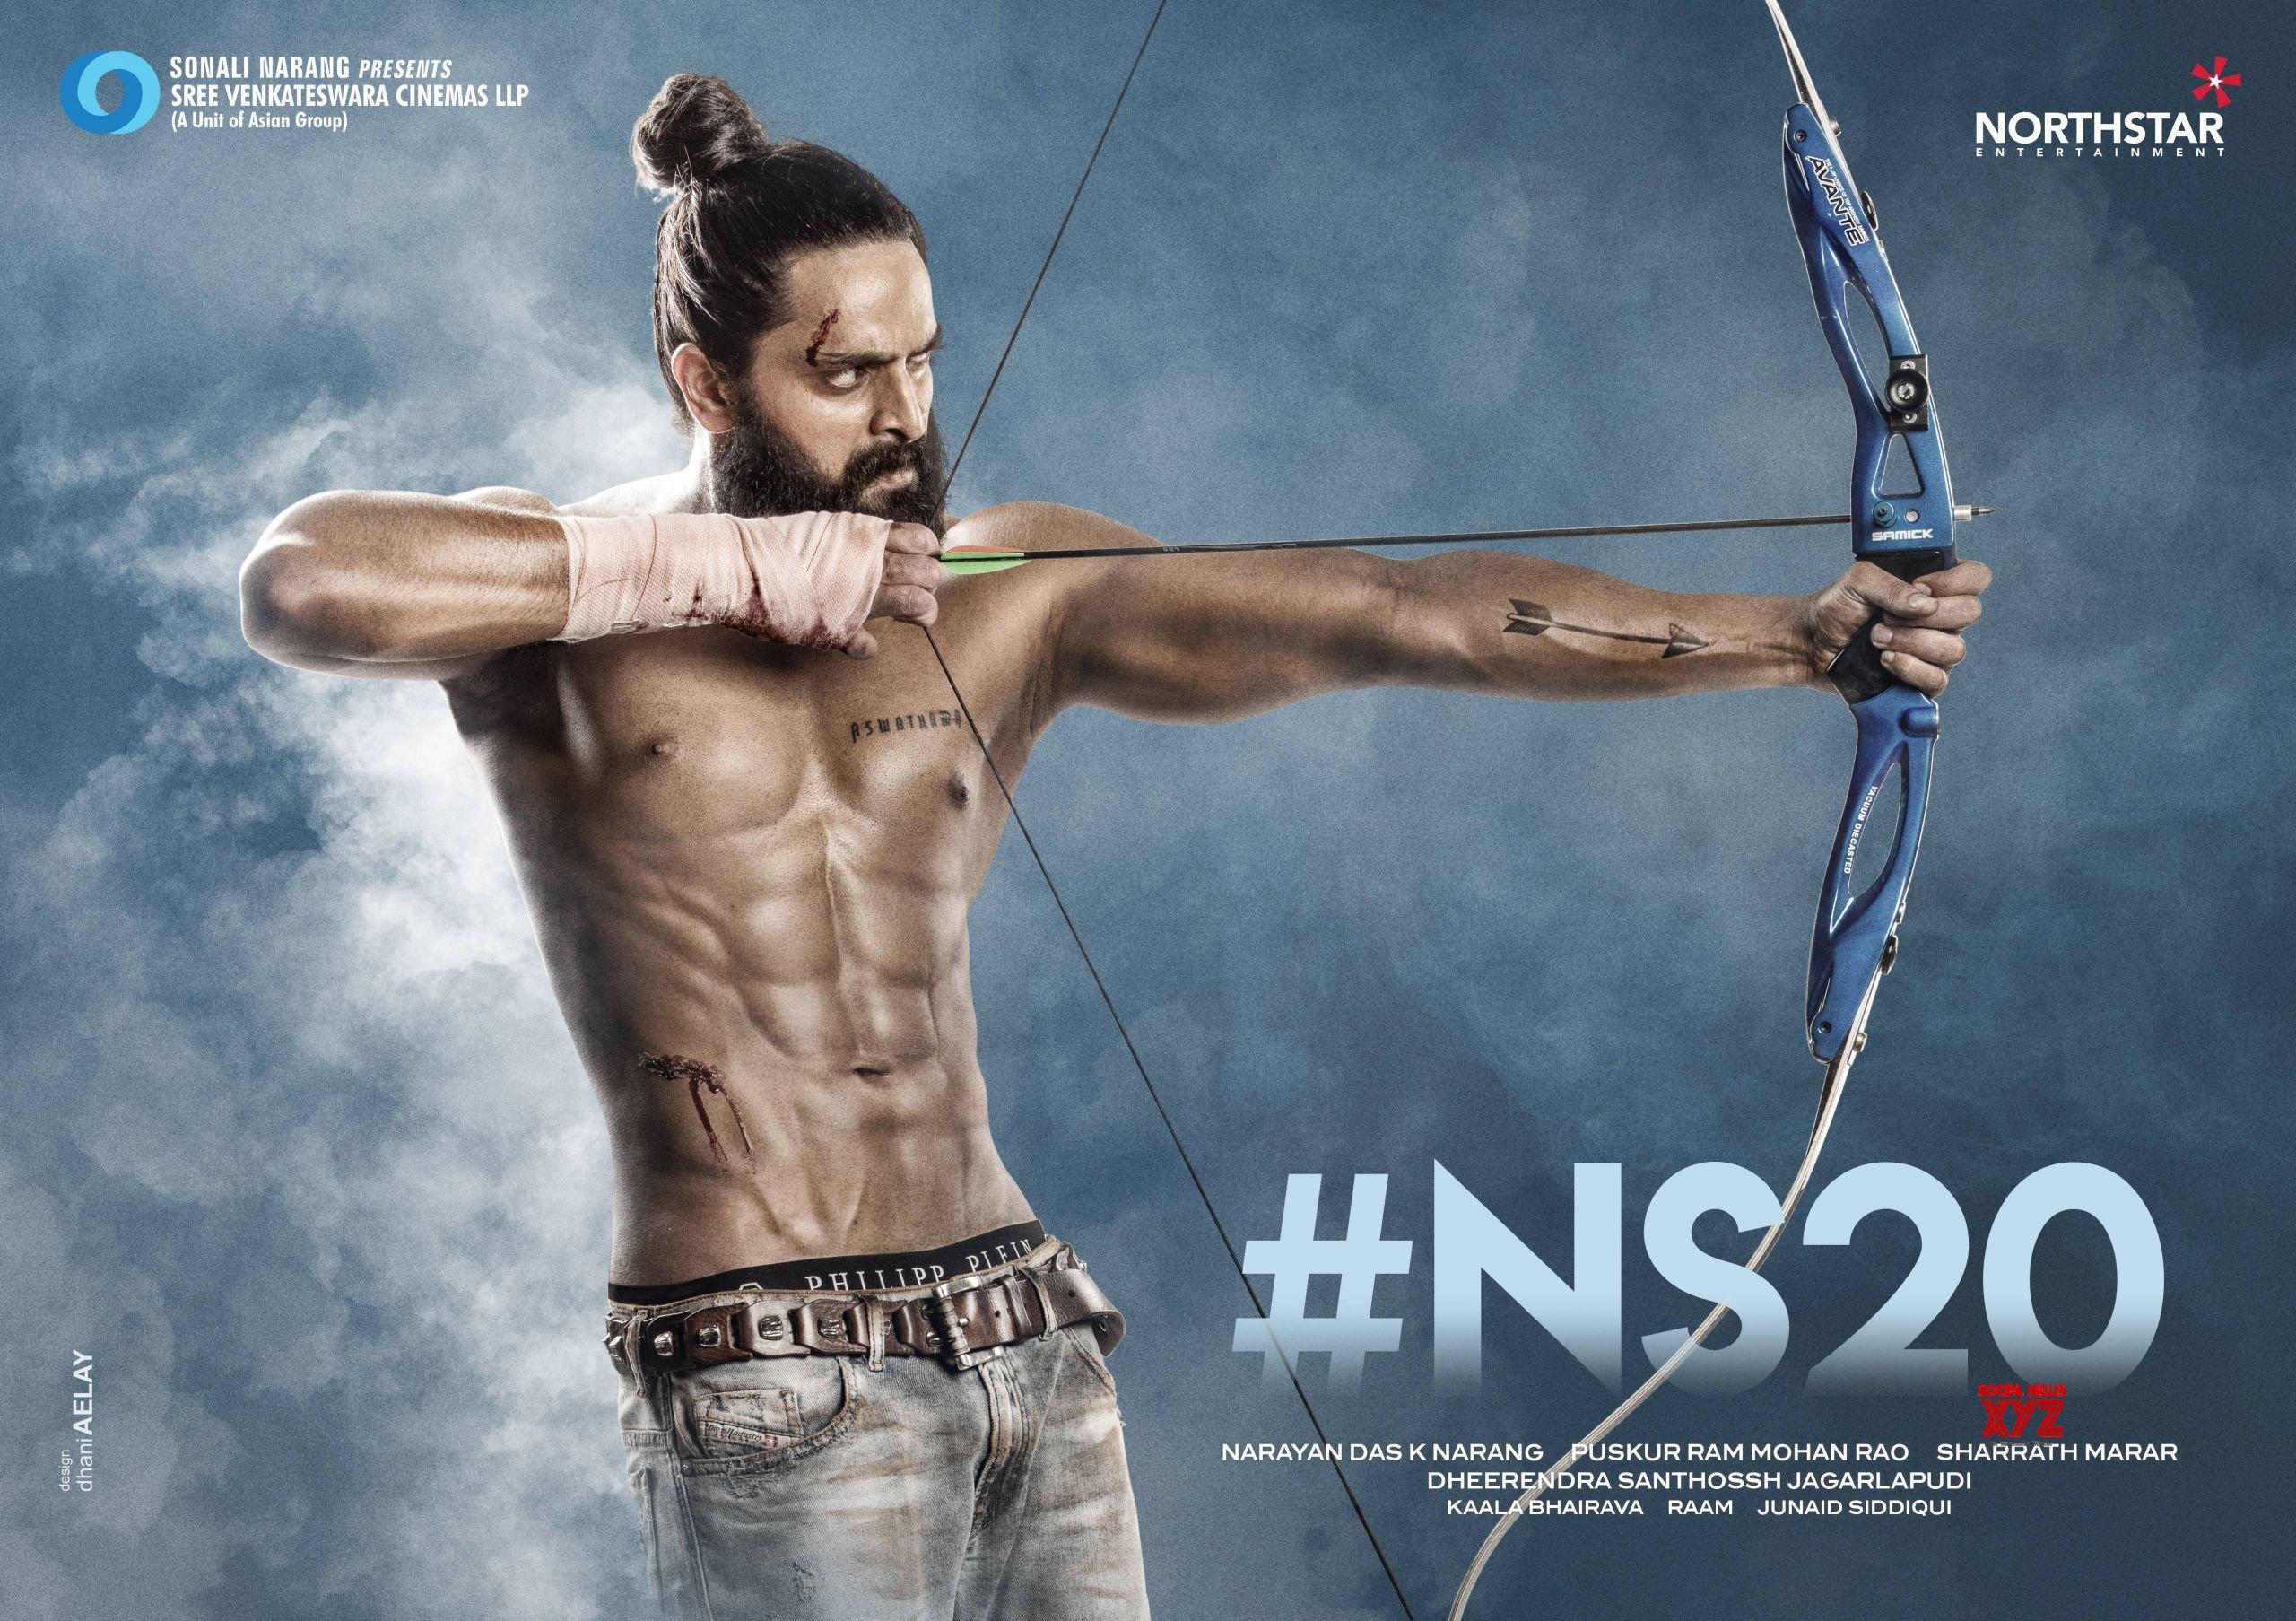 Naga Shourya's #NS20 First Look Launched On Occasion Of Narayan Das Narang Birthday